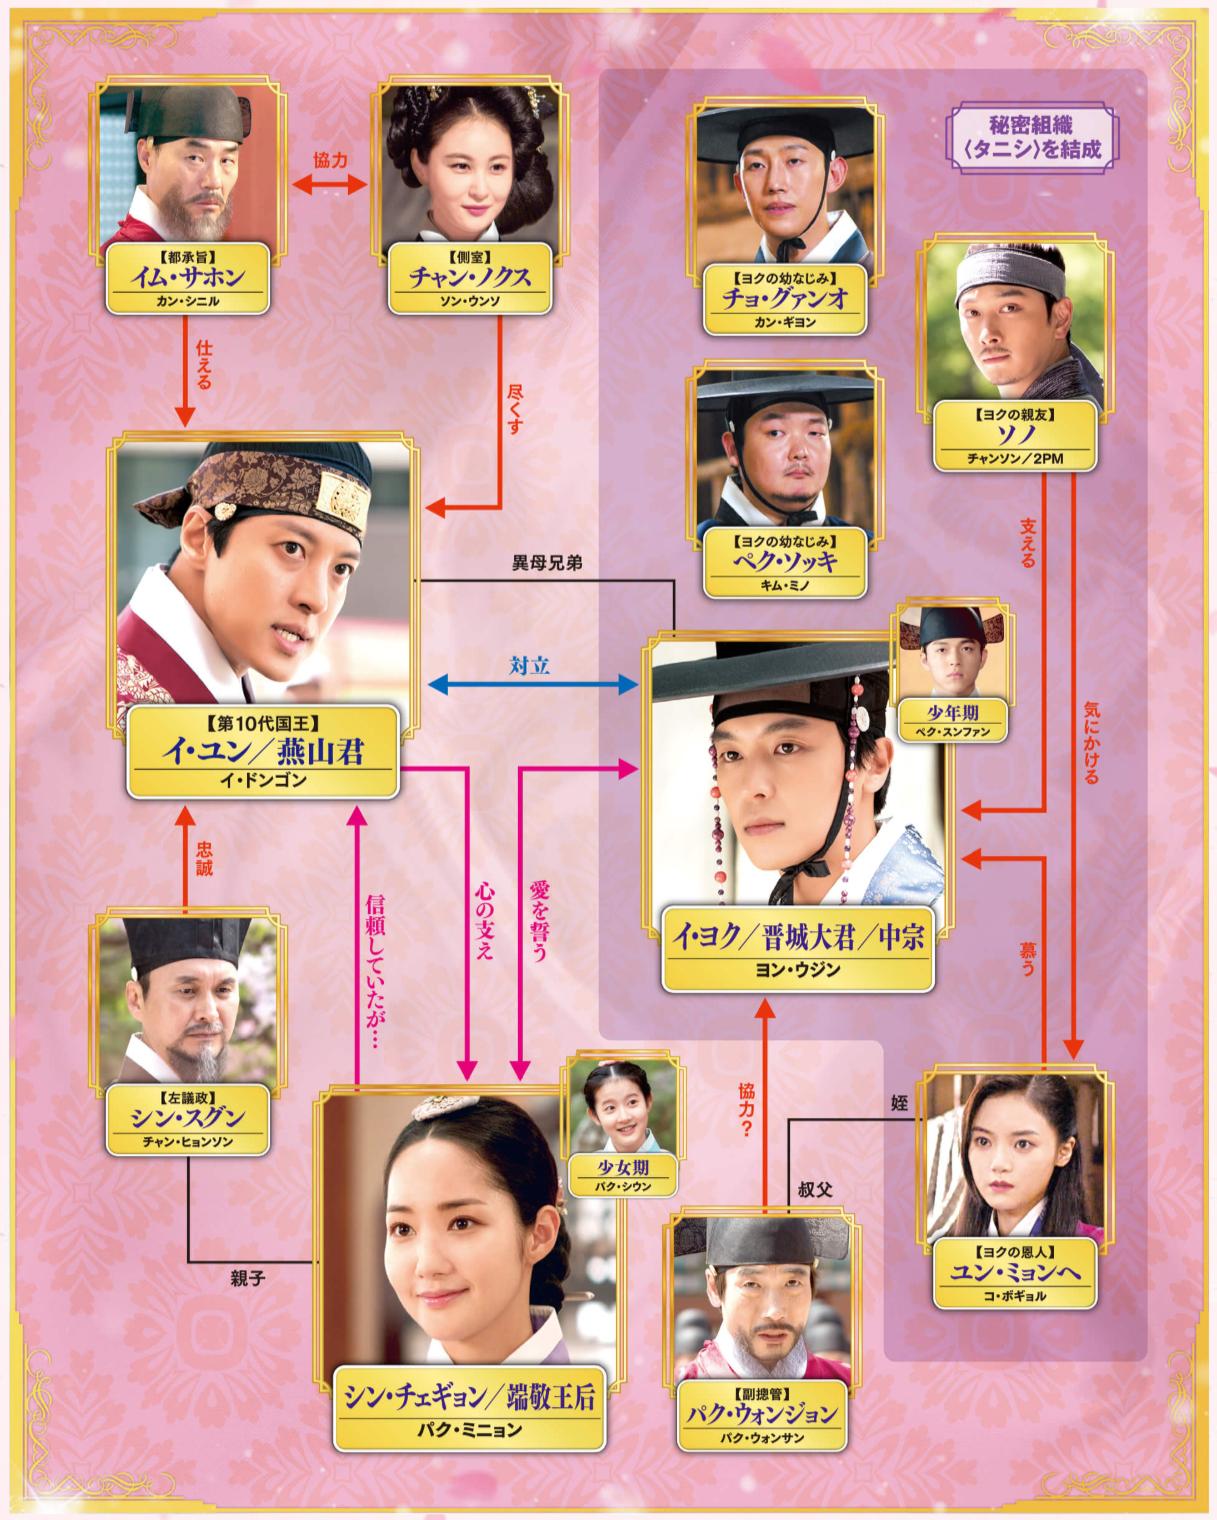 韓国ドラマ『七日の王妃』登場人物相関図(関係図)